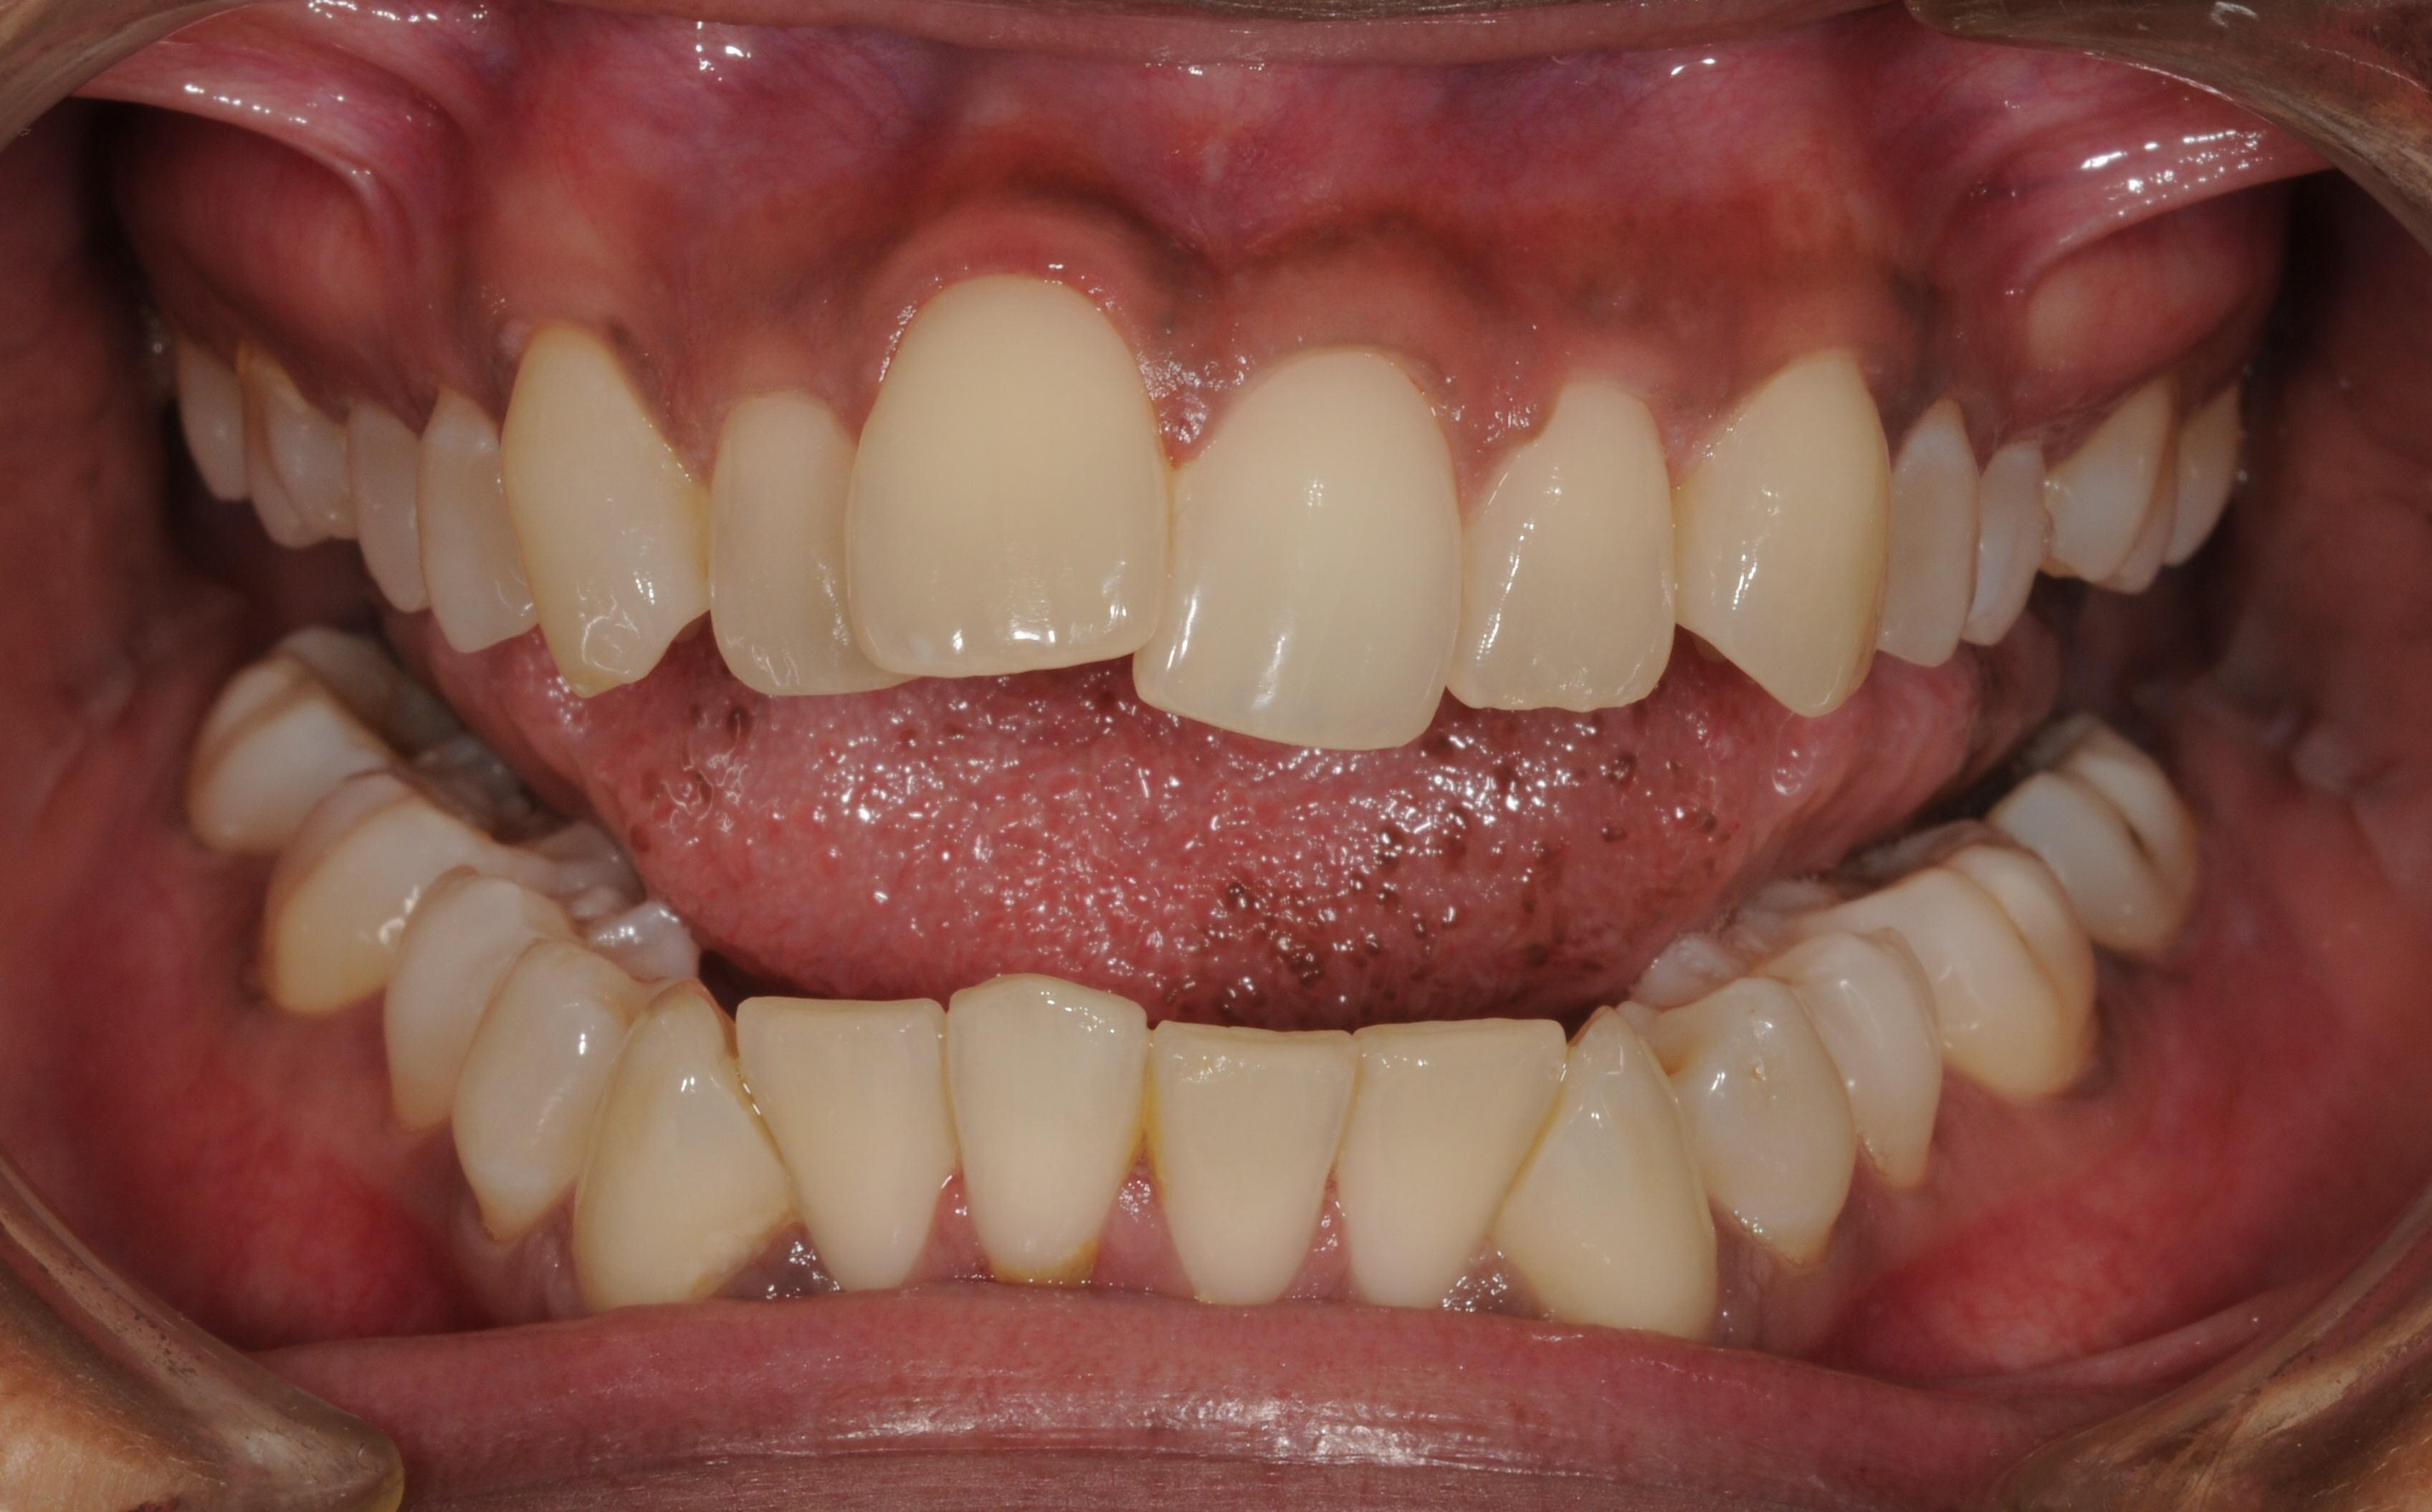 preop teeth-1